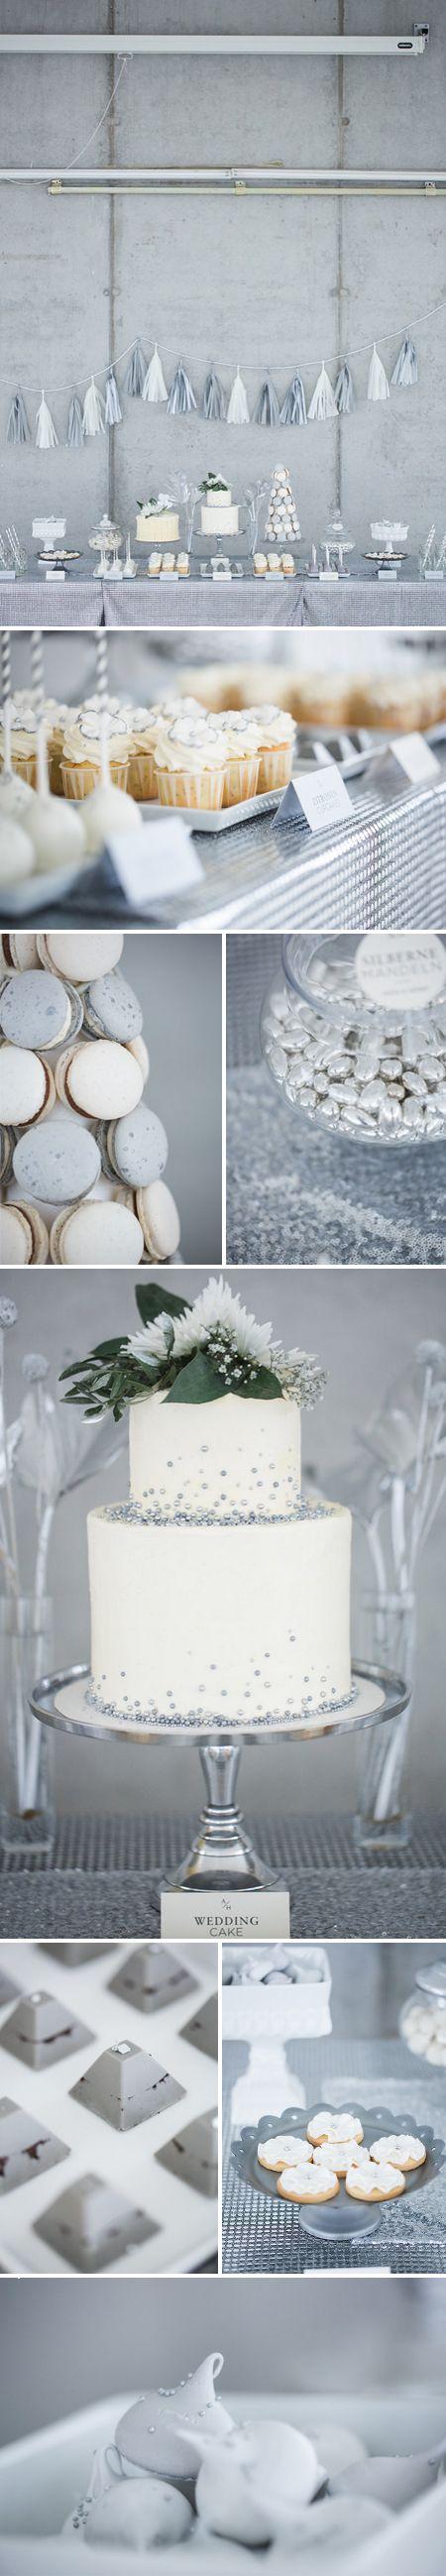 #CandyBuffet {Gamour in Silber &Weiß}  zur #Hochzeit, zu #Weihnachten, im #Winter